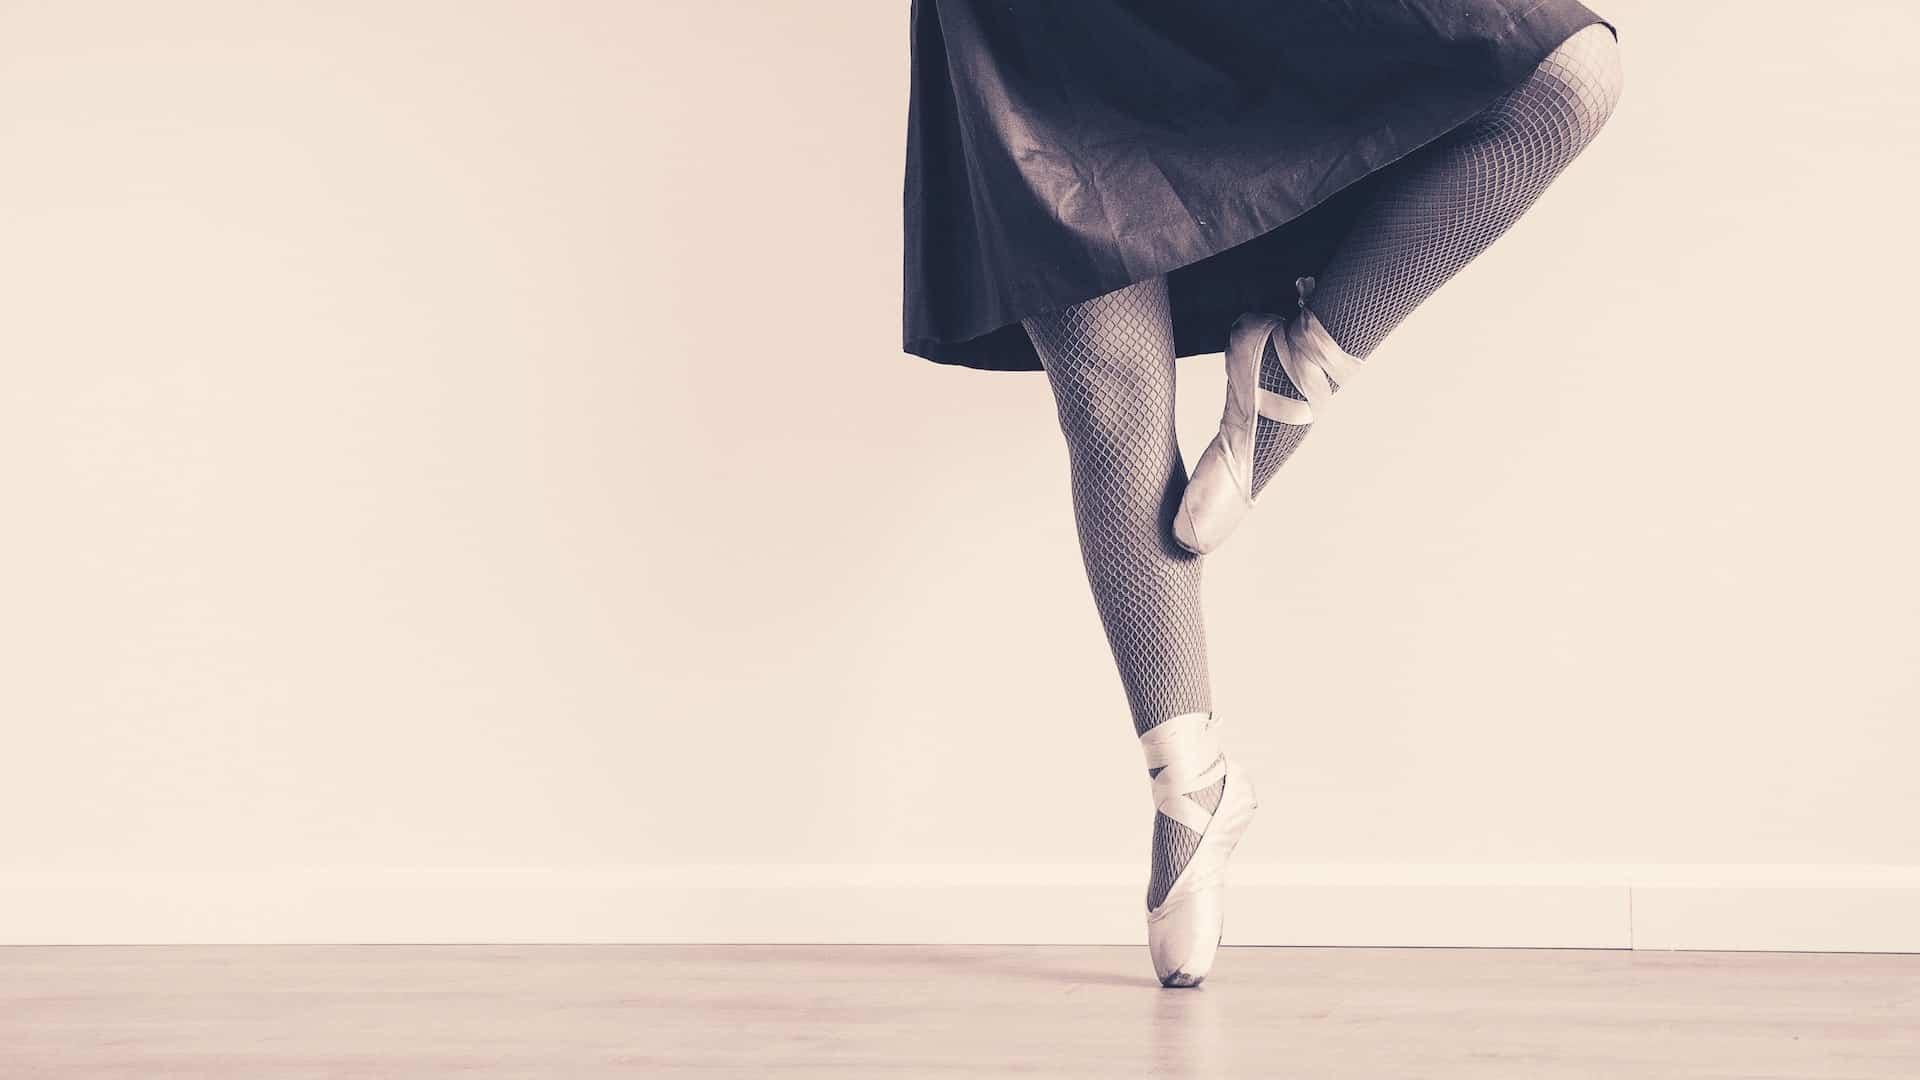 Beine Balletttänzerin